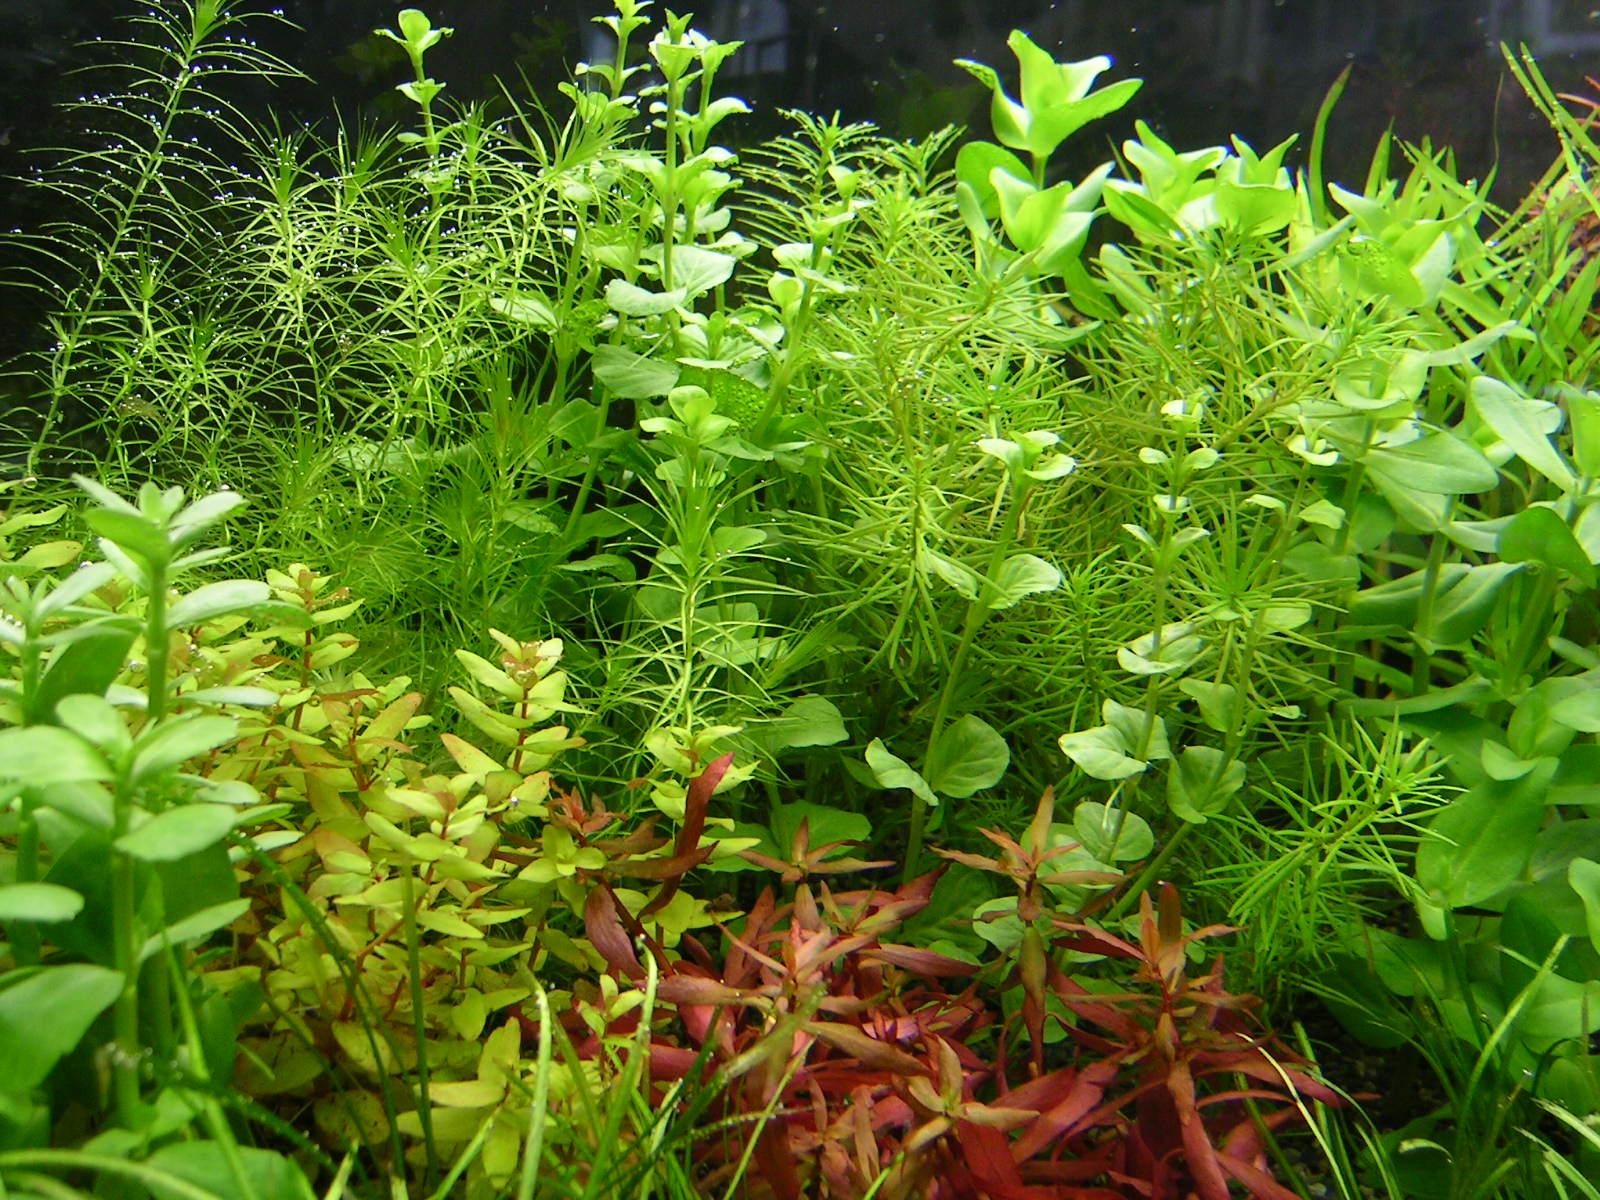 【初心者におすすめ】水槽に植えたい美しくて育てやすい水草をご紹介のサムネイル画像